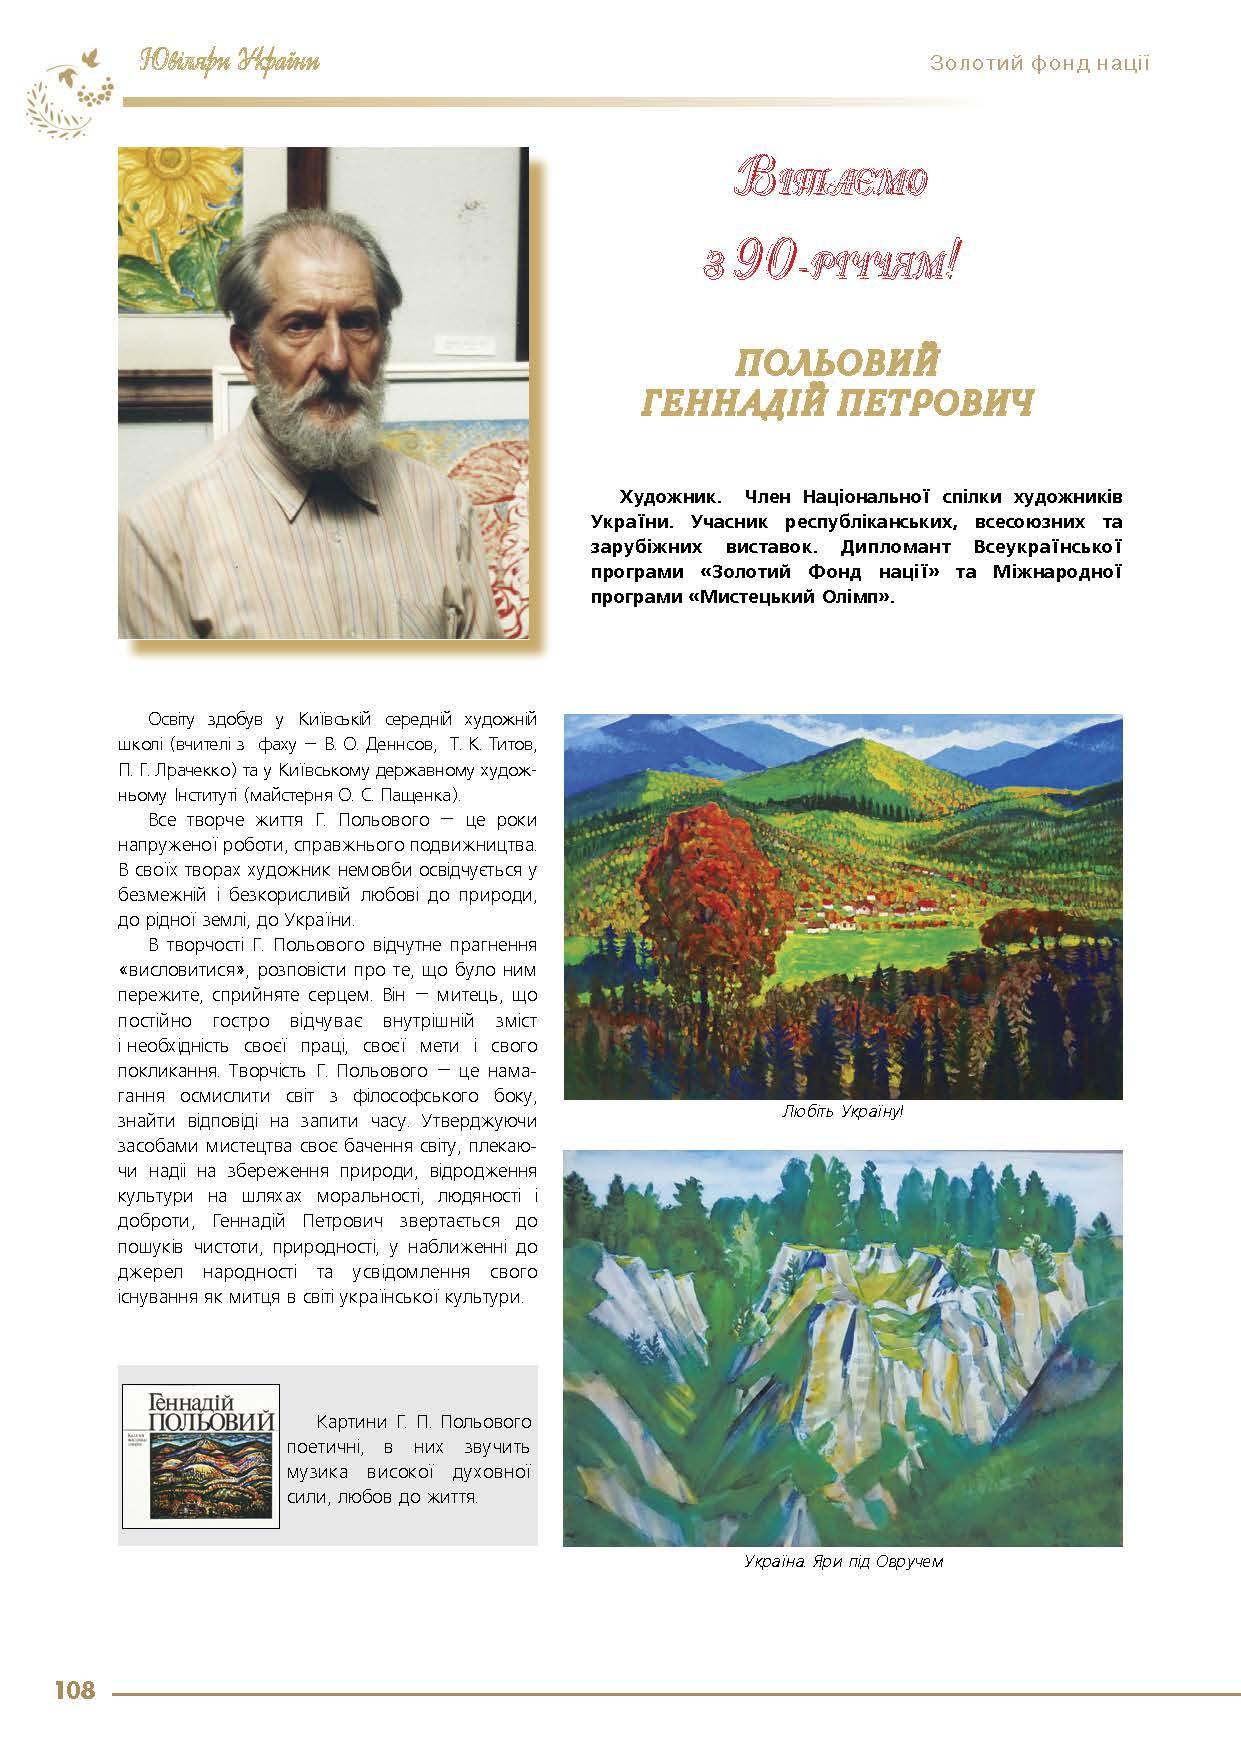 Польовий Геннадій Петрович